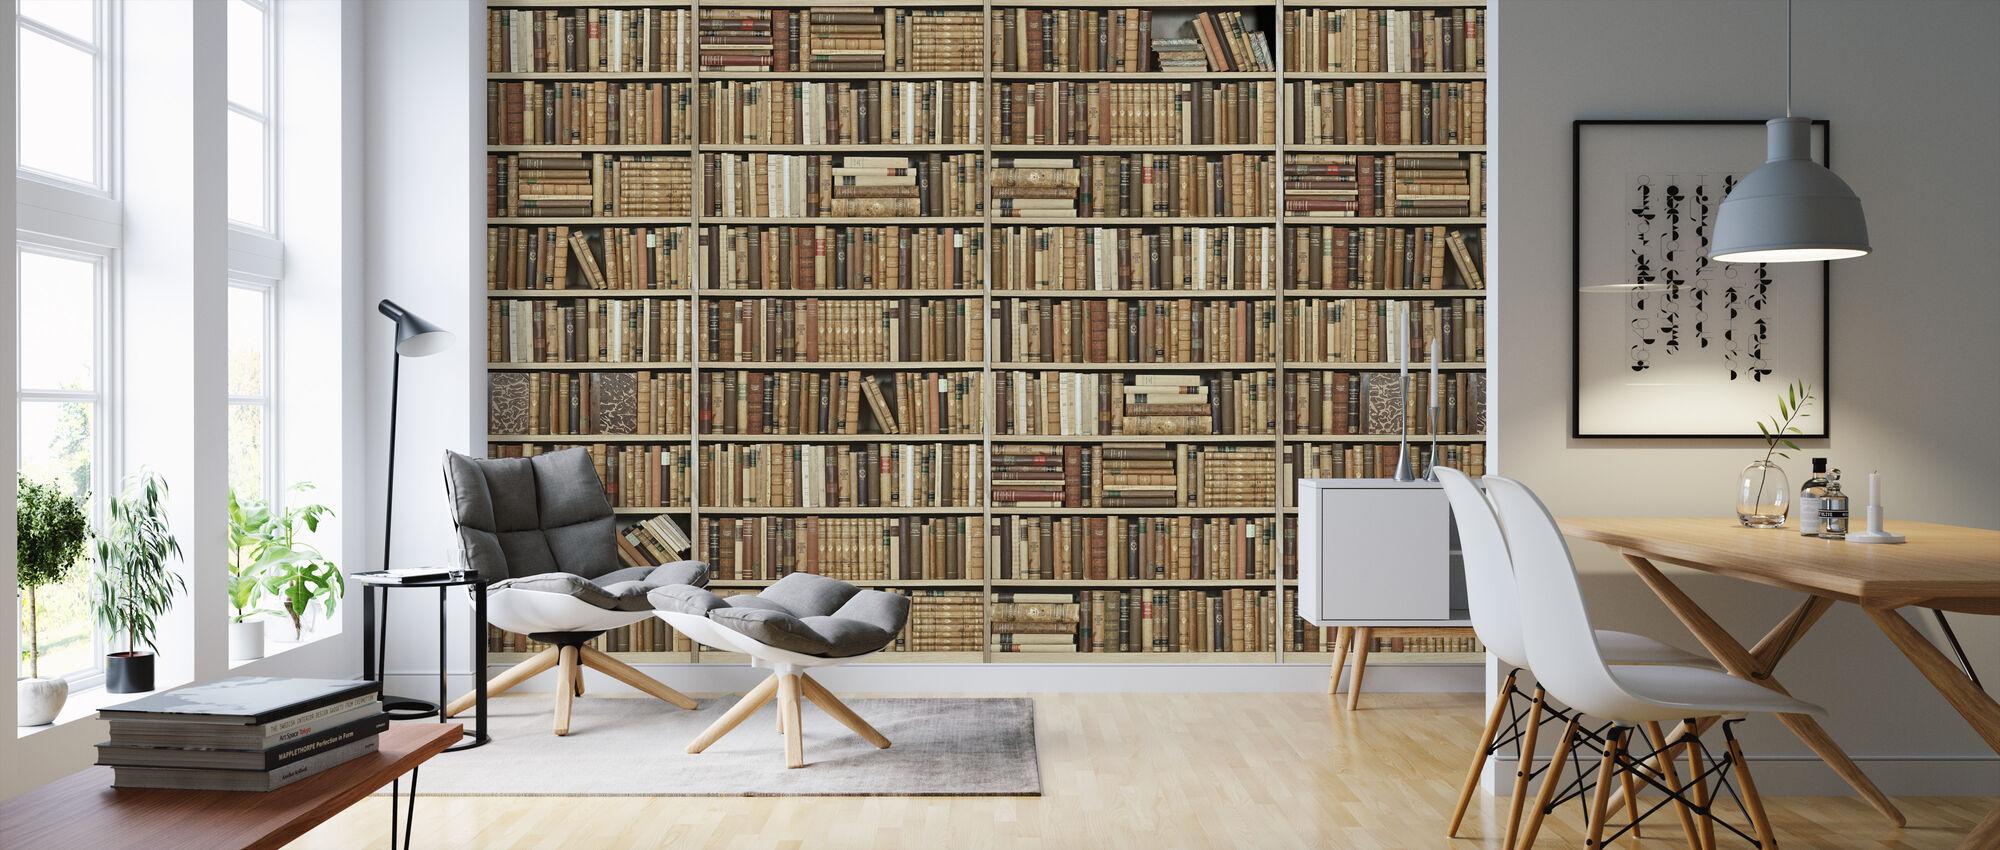 Bookshelf - Wooden - Long - Beige - Wallpaper - Living Room